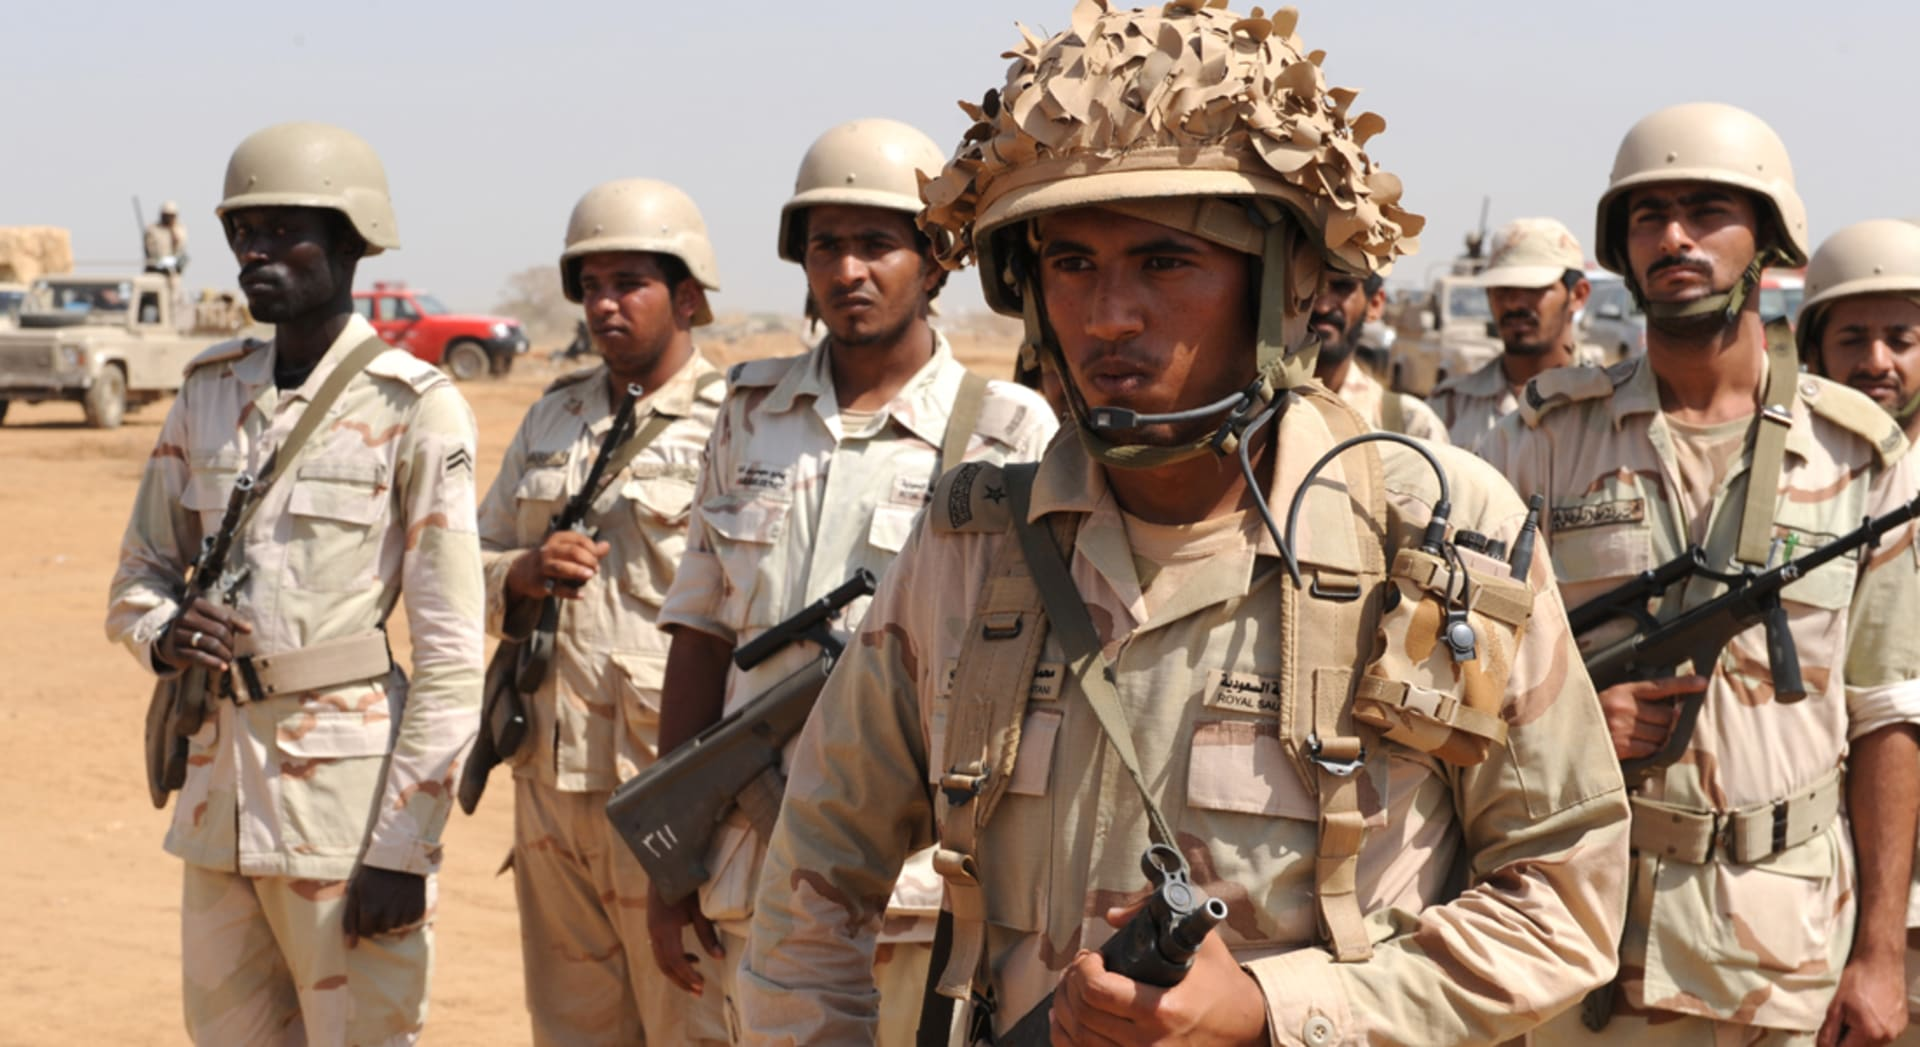 السعودية: قتيل من حرس الحدود بنيران من الجانب اليمني بثاني حادث في أسبوع